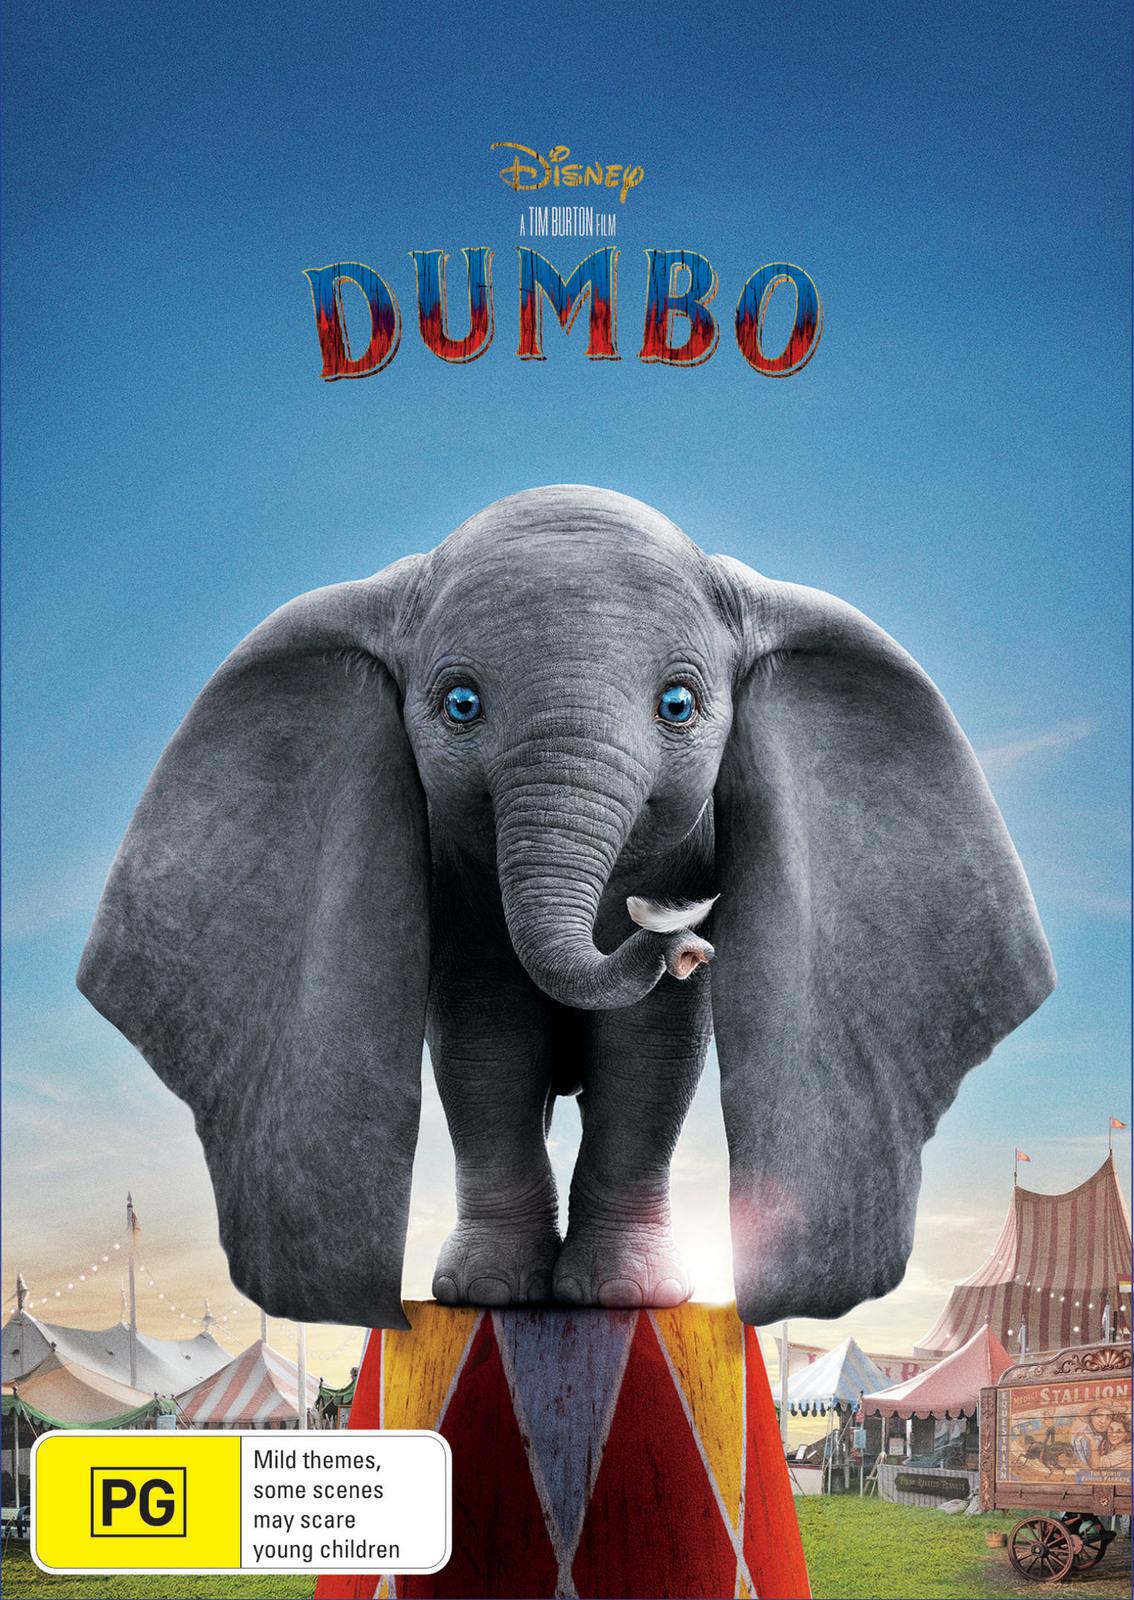 Dumbo (2019) on DVD image